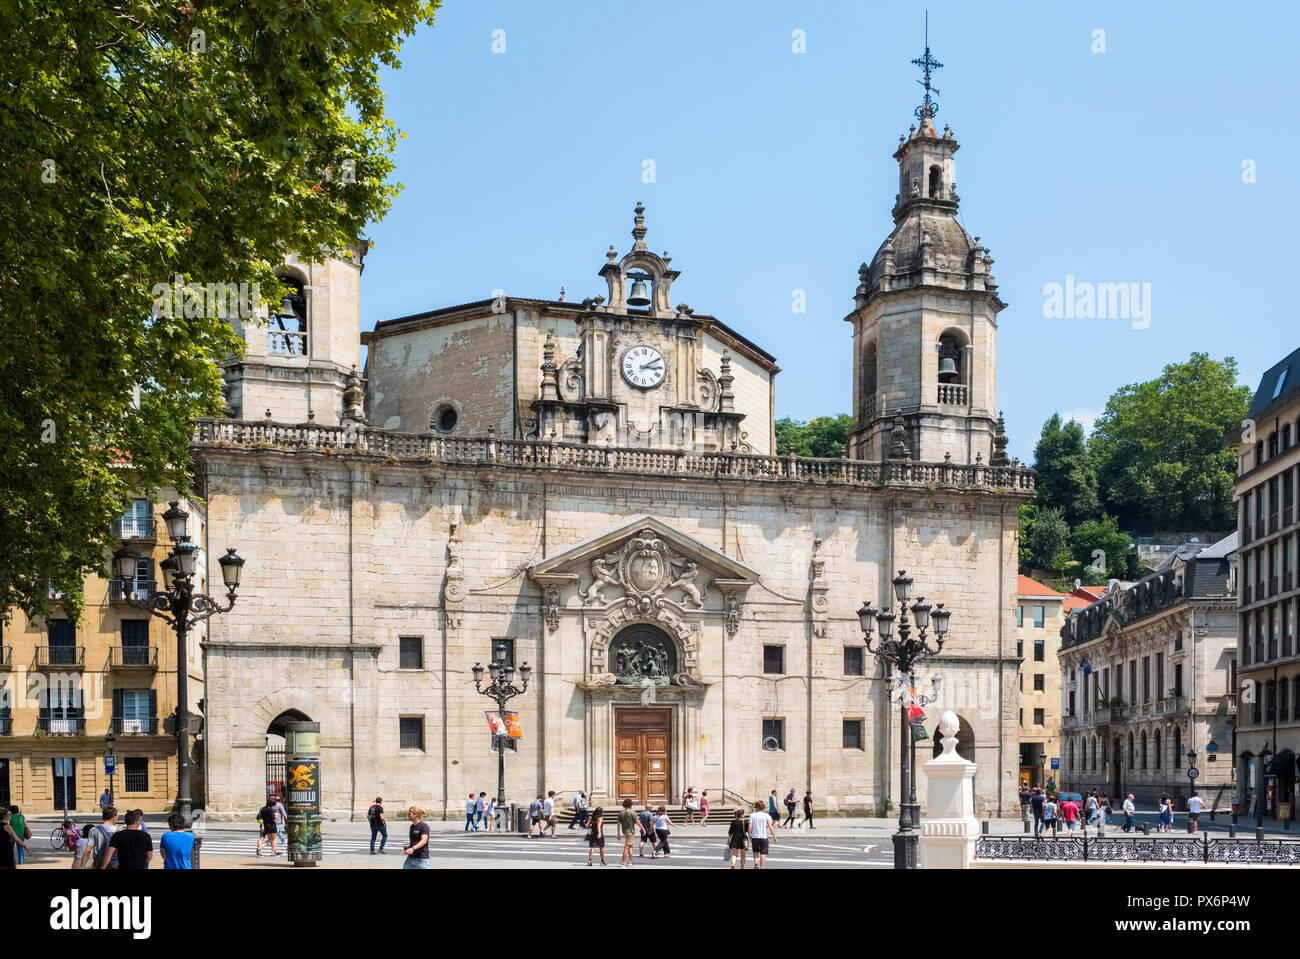 San Nicolas Church, Bilbao, Spain, Europe - Stock Image